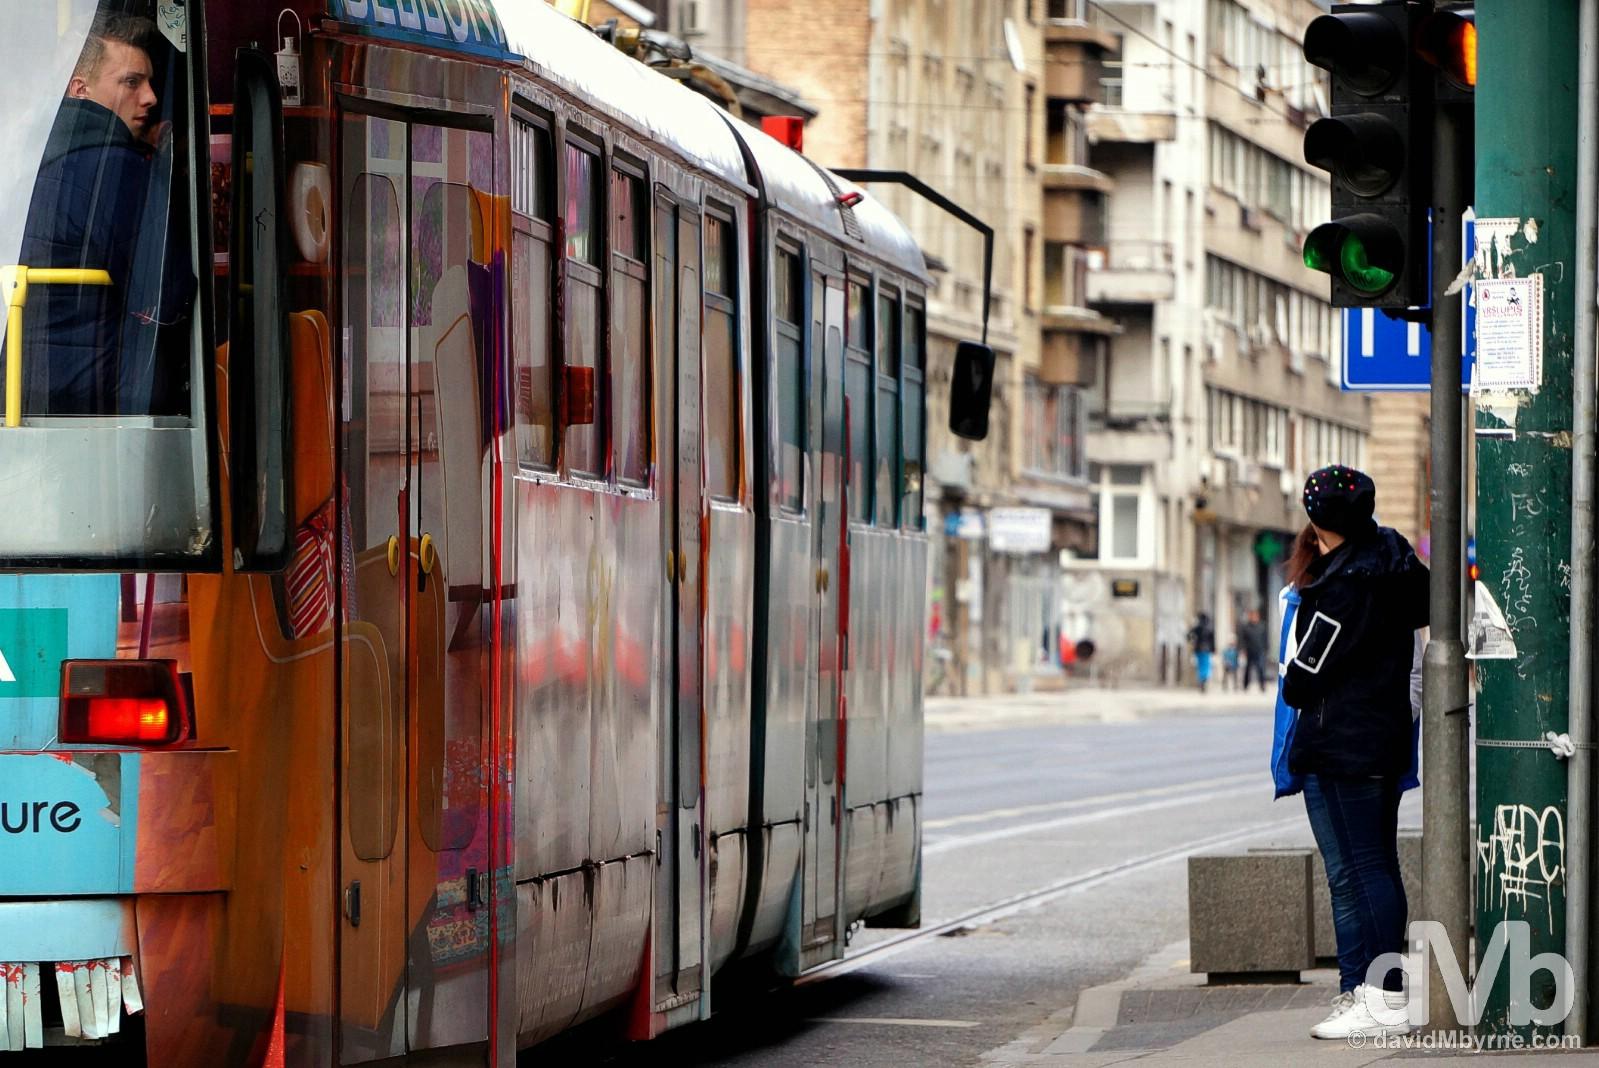 Trams in Sarajevo, Bosnia and Herzegovina. April 4, 2015.